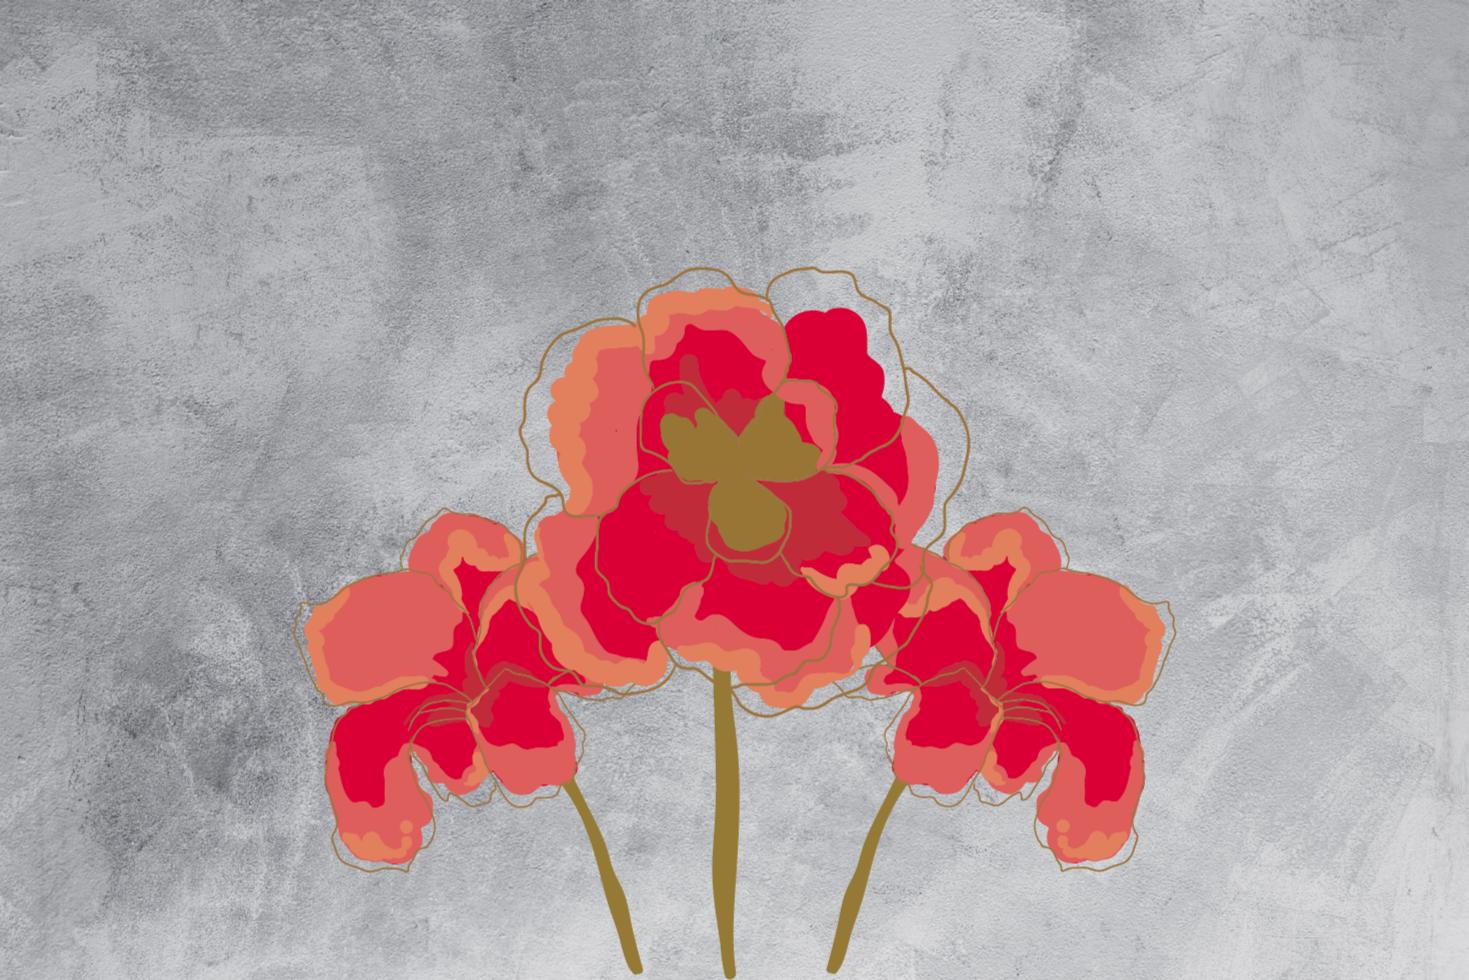 TenVinilo. Alfombra vinílica gris con amapola dibujada. Alfombra vinílica de flores con amapola ideal para tu salón. Fabricado en material de alta calidad ¡Descuentos disponibles!